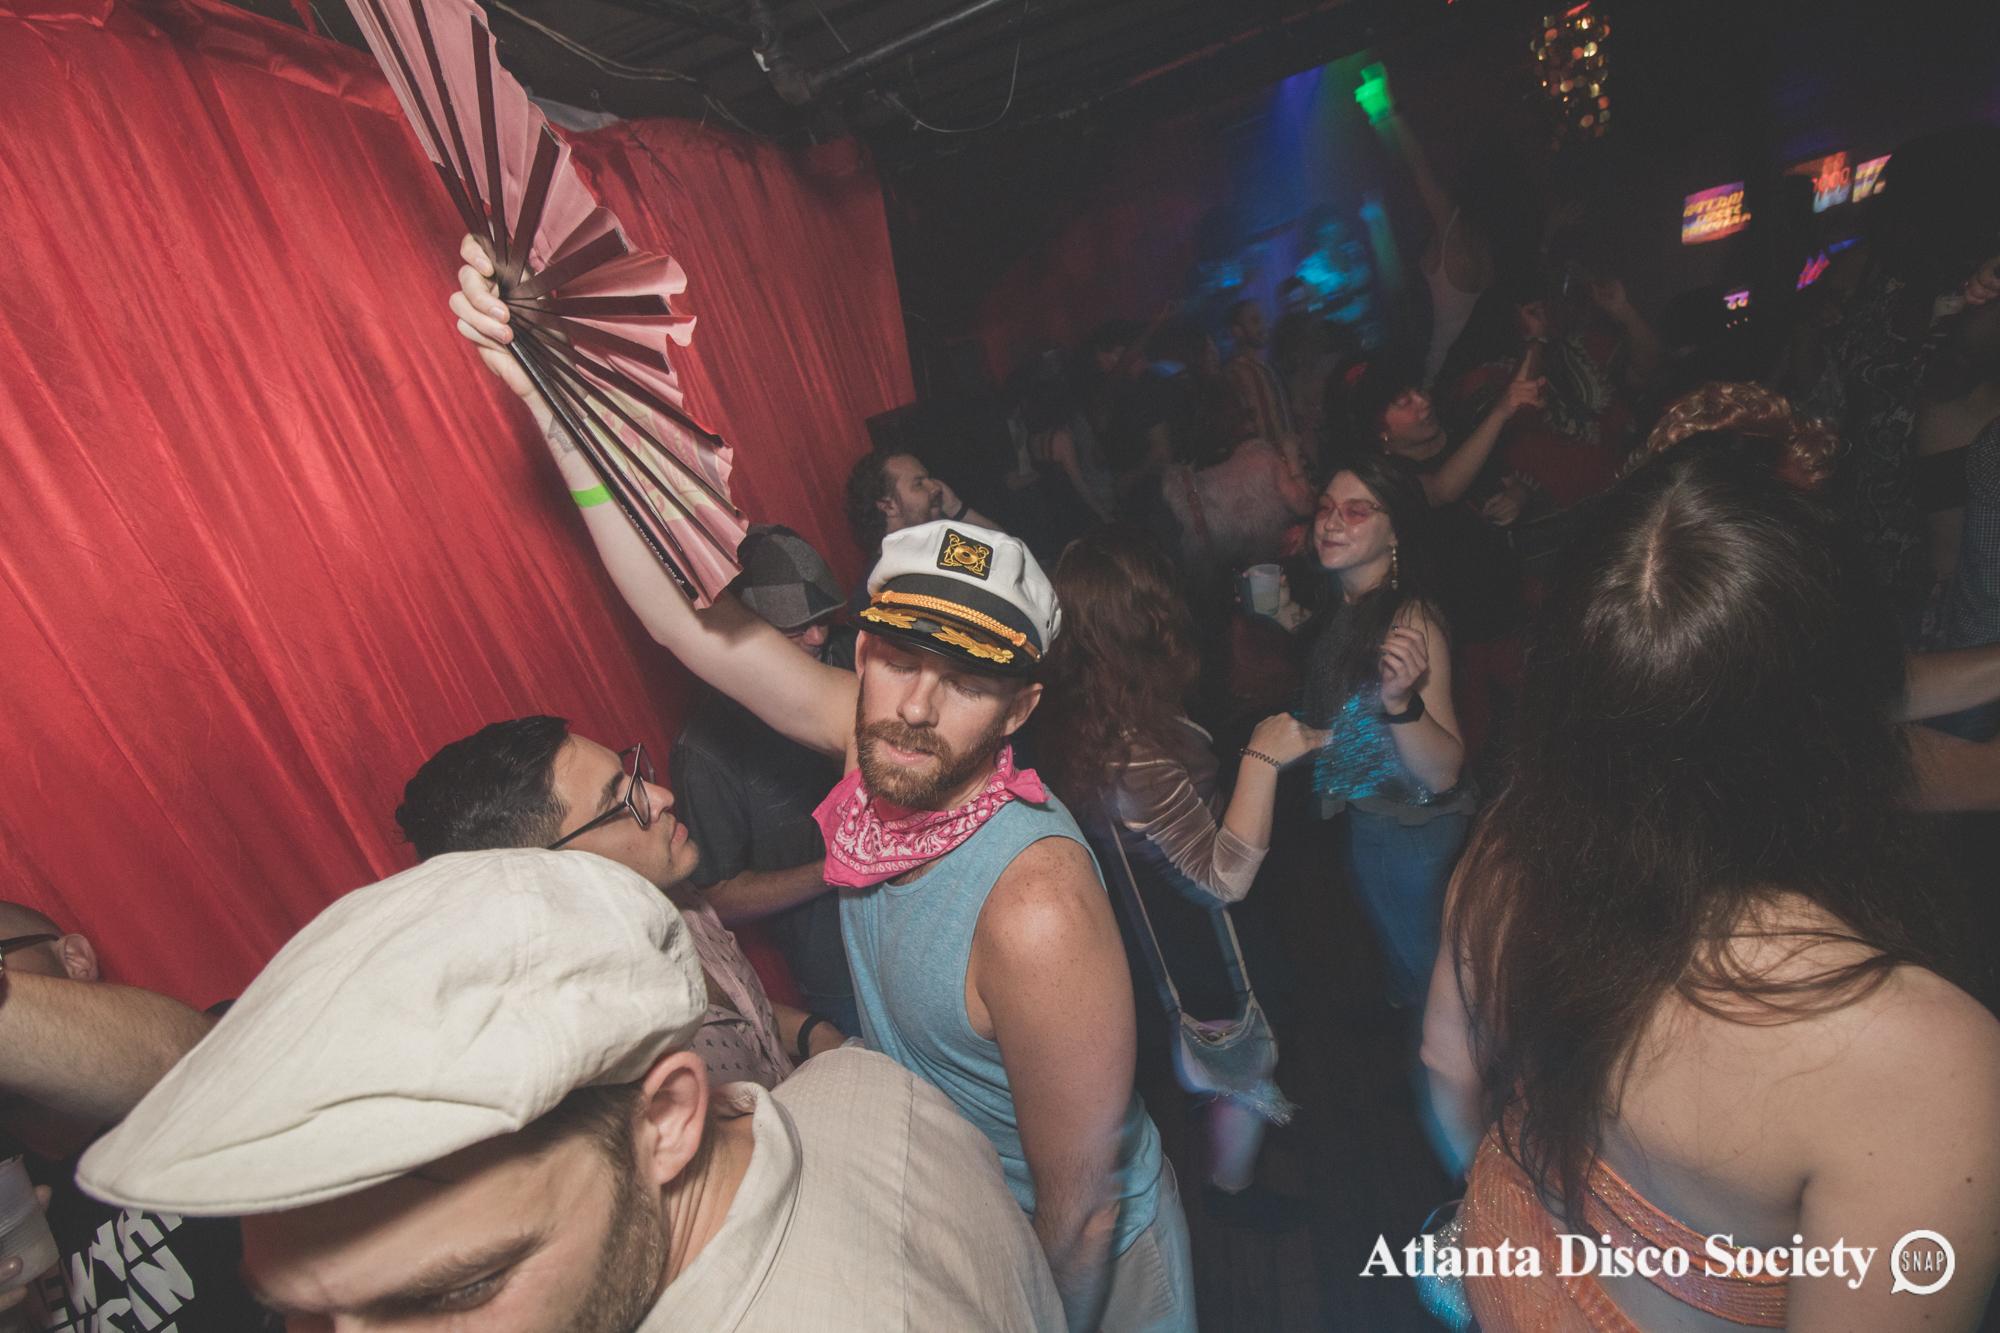 25Atlanta Disco Society Grace Kelly Oh Snap Kid 7.27.19.jpg